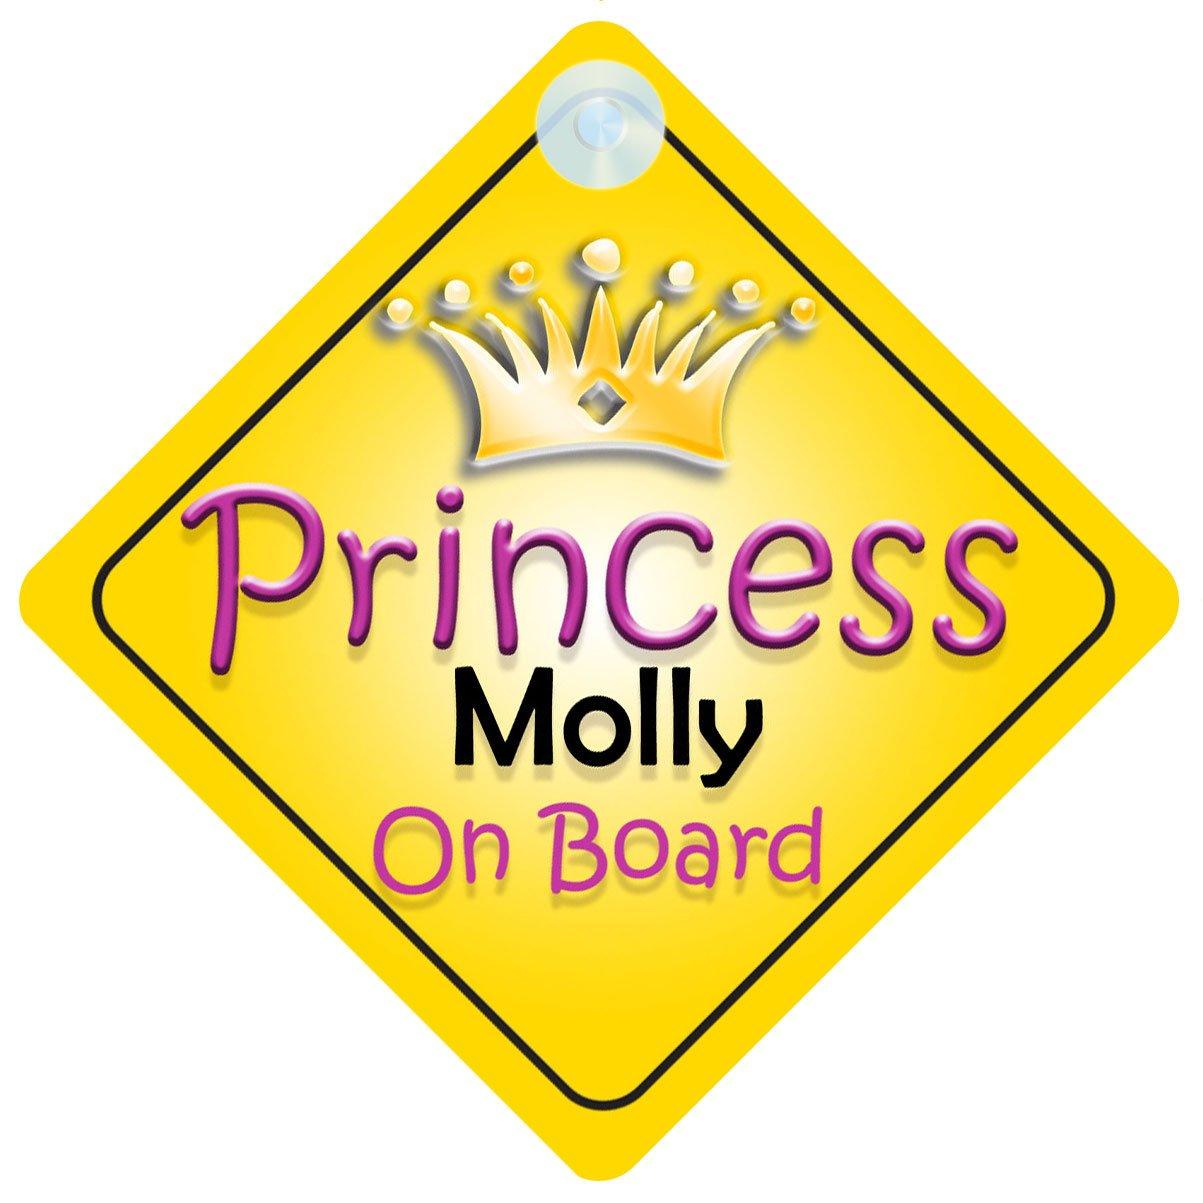 Princesse Molly on Board Panneau Voiture Fille/Enfant Cadeau Bé bé /Cadeau 002 mybabyonboard UK